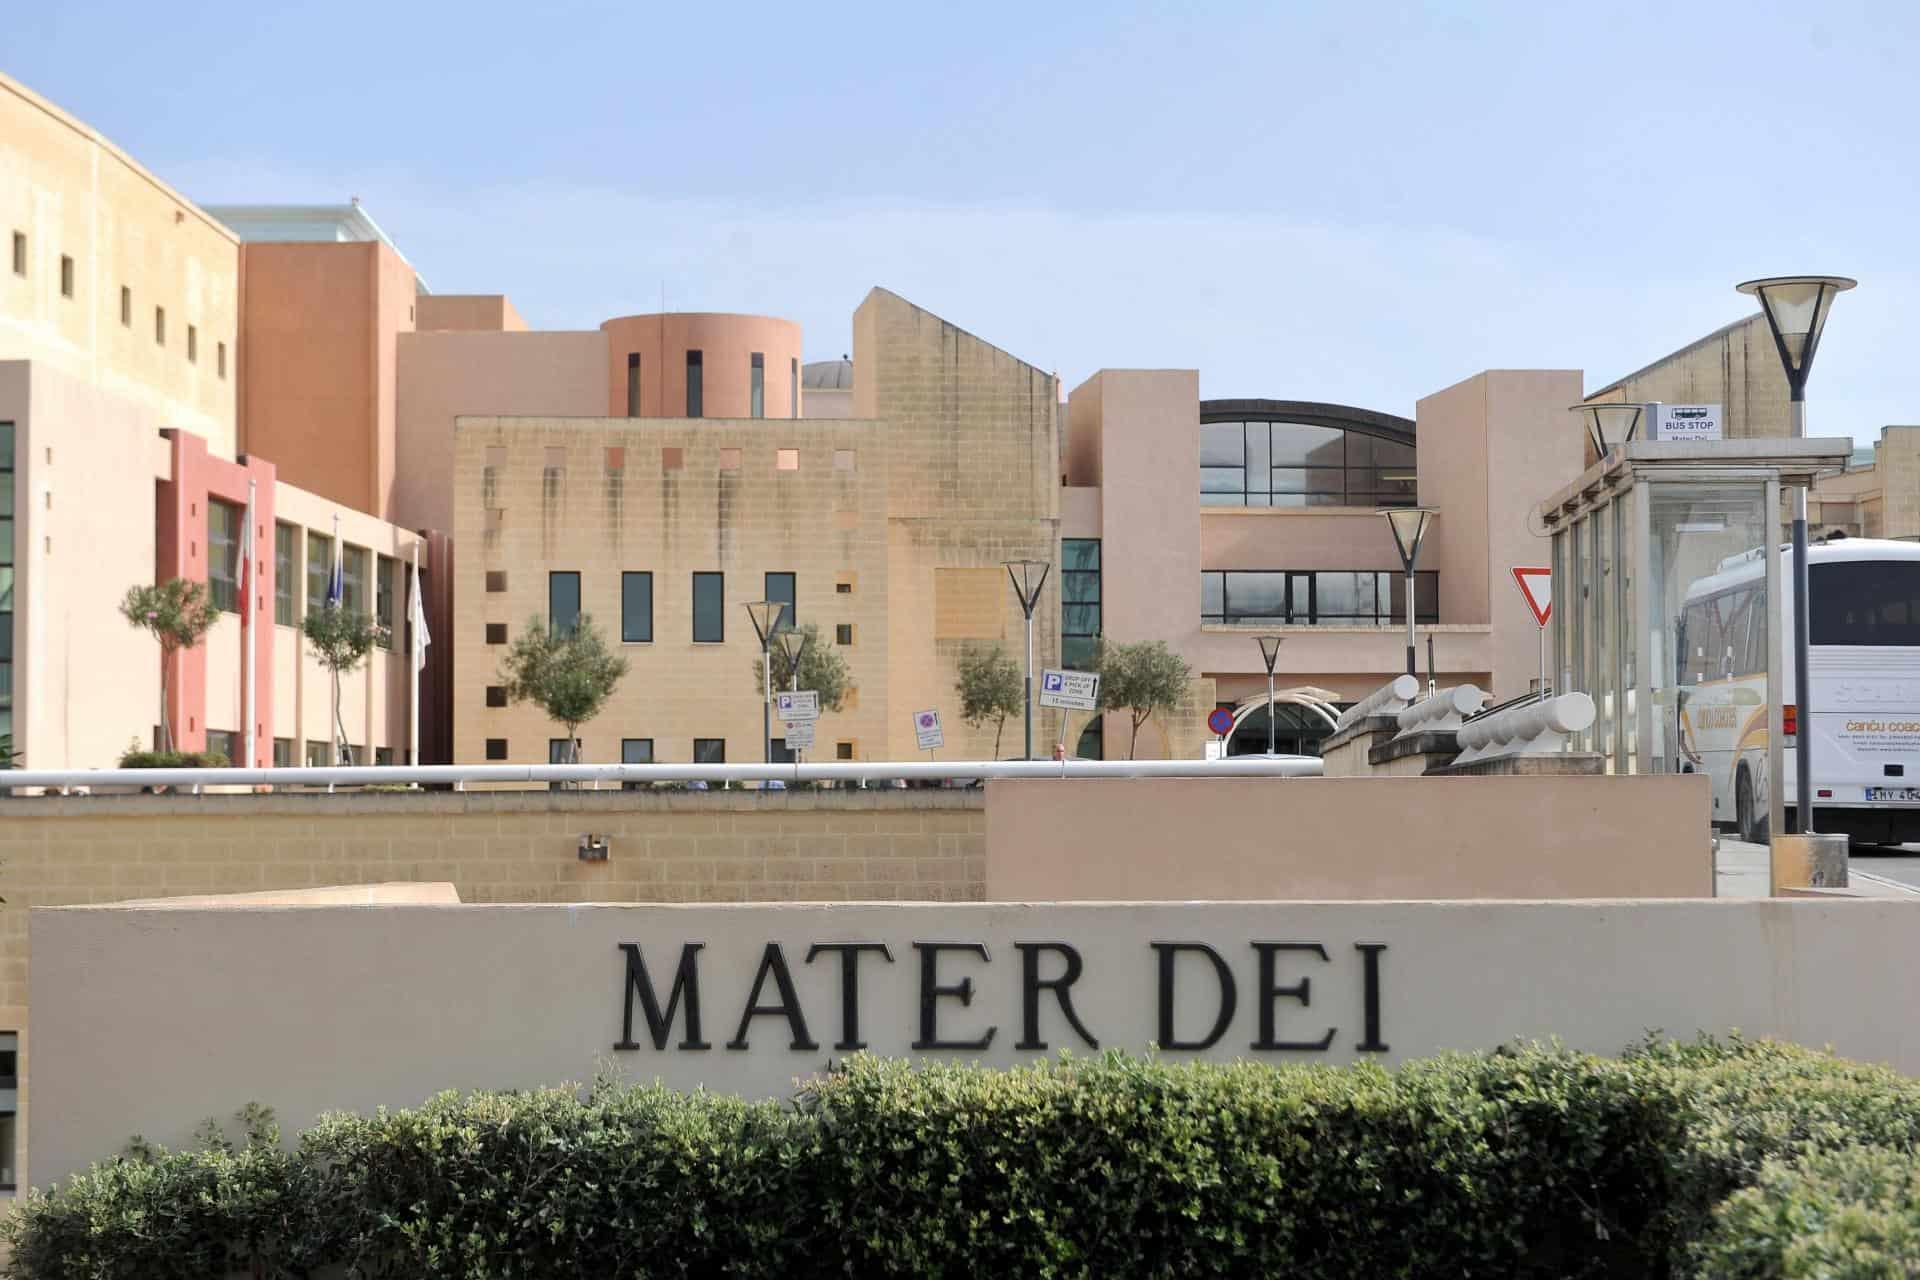 Bệnh viện Mater Dei - bệnh viện công lớn nhất tại Malta. Ảnh: Internet